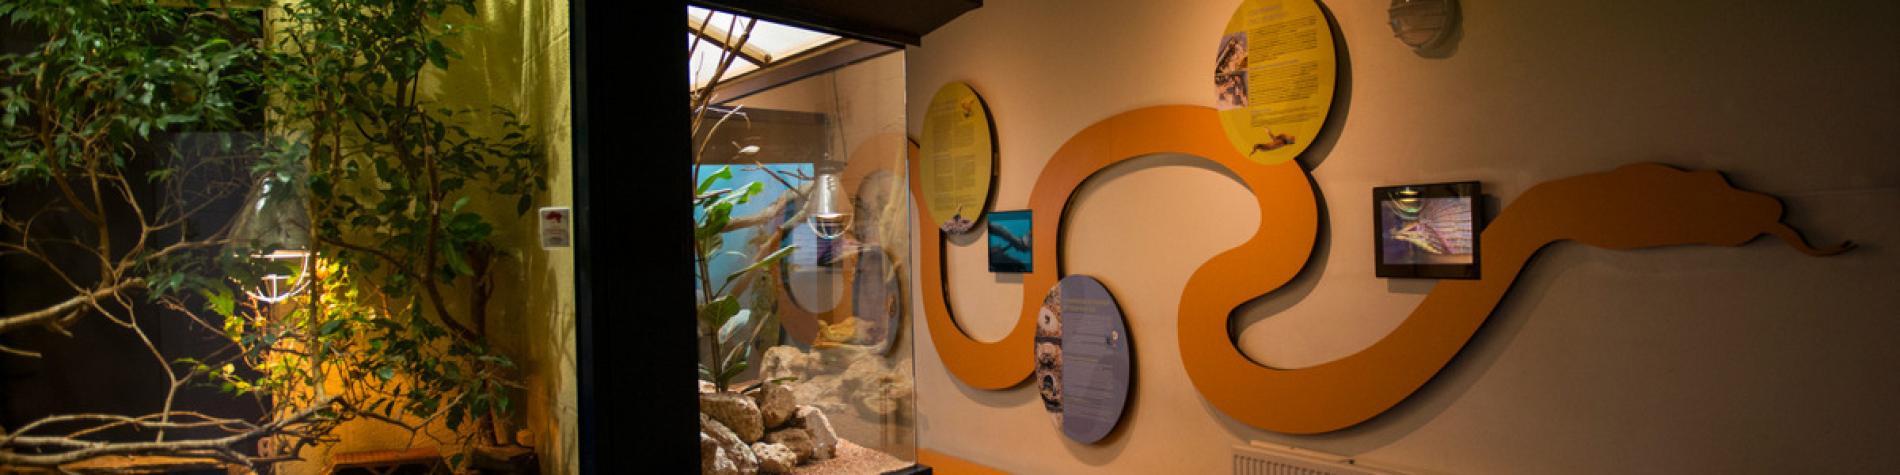 Musée d'Histoire naturelle -Tournai - Vivarium